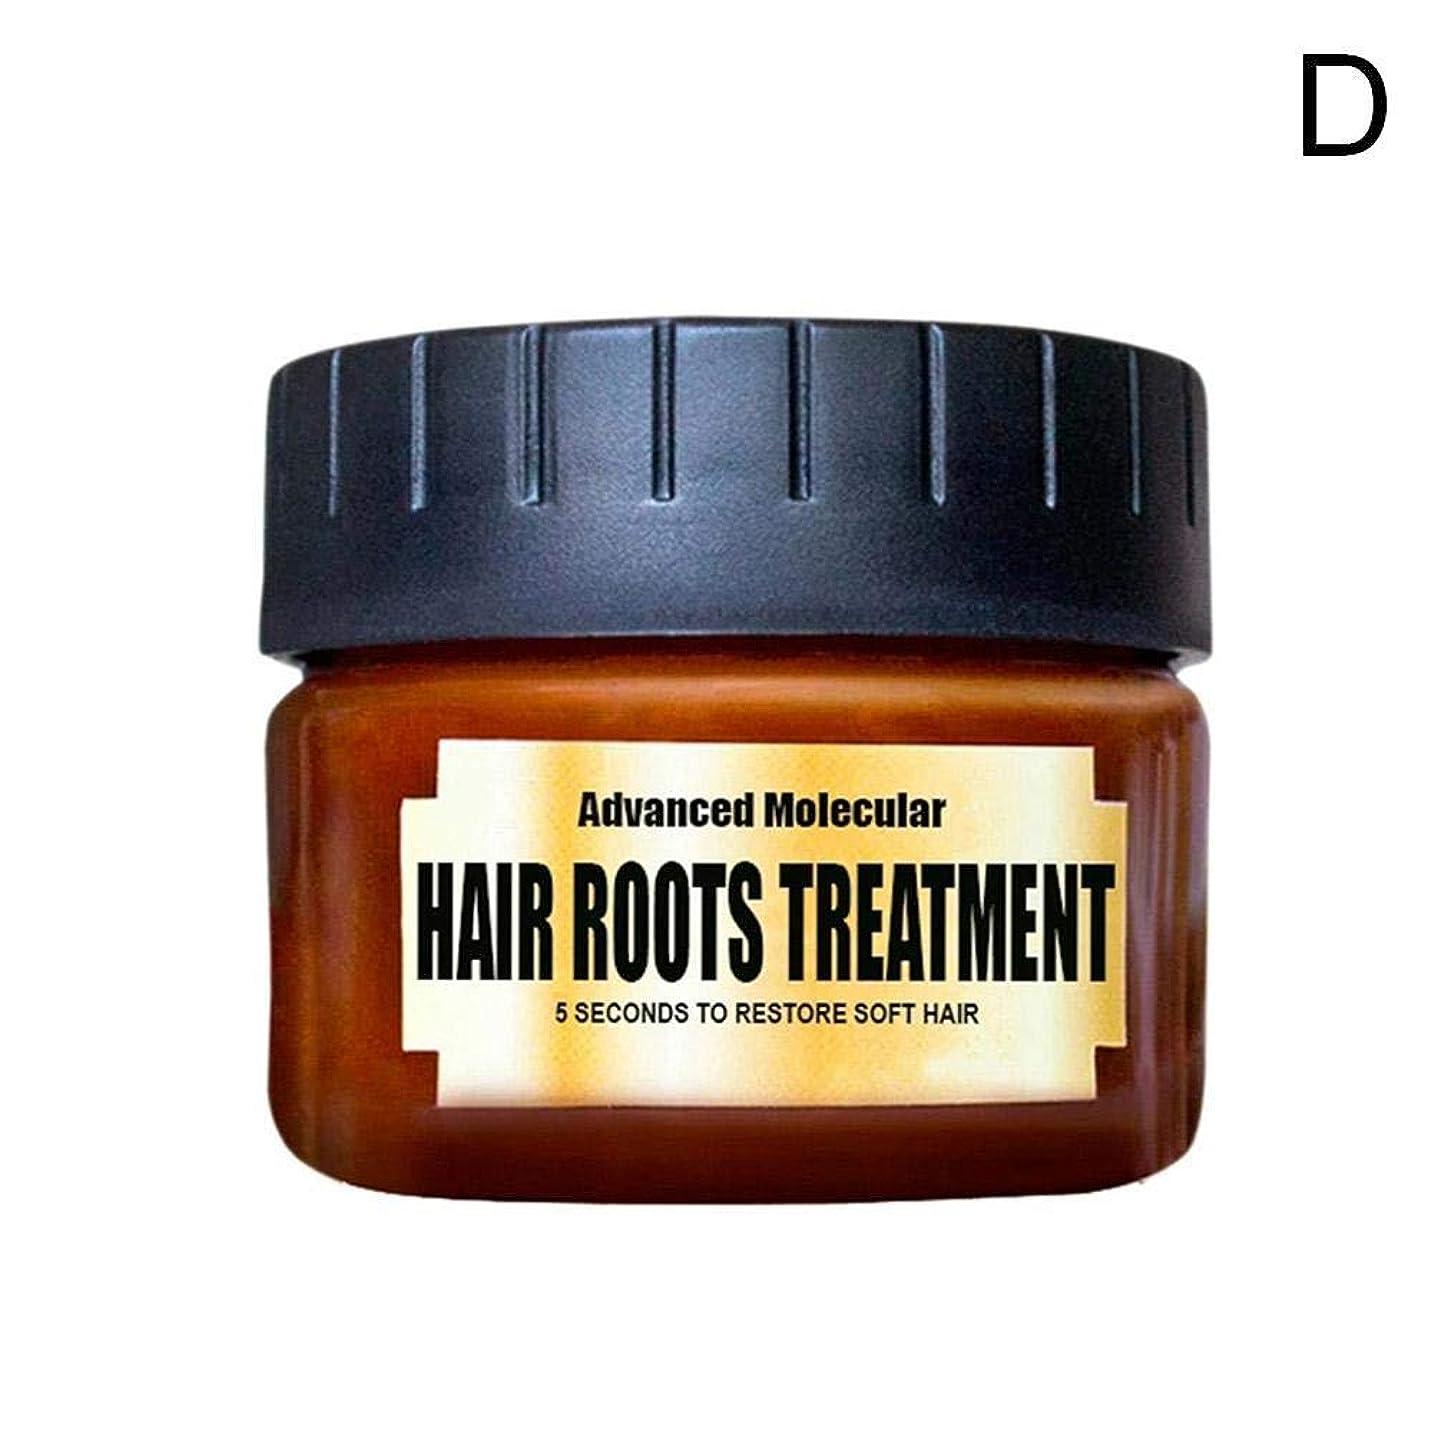 認める呼吸するテーマBETTER YOU (ベター ュー) 多機能トリートメント、オイルよけ、柔順、栄養毛、乾燥防止、修復髪質、50 ml (D 04)